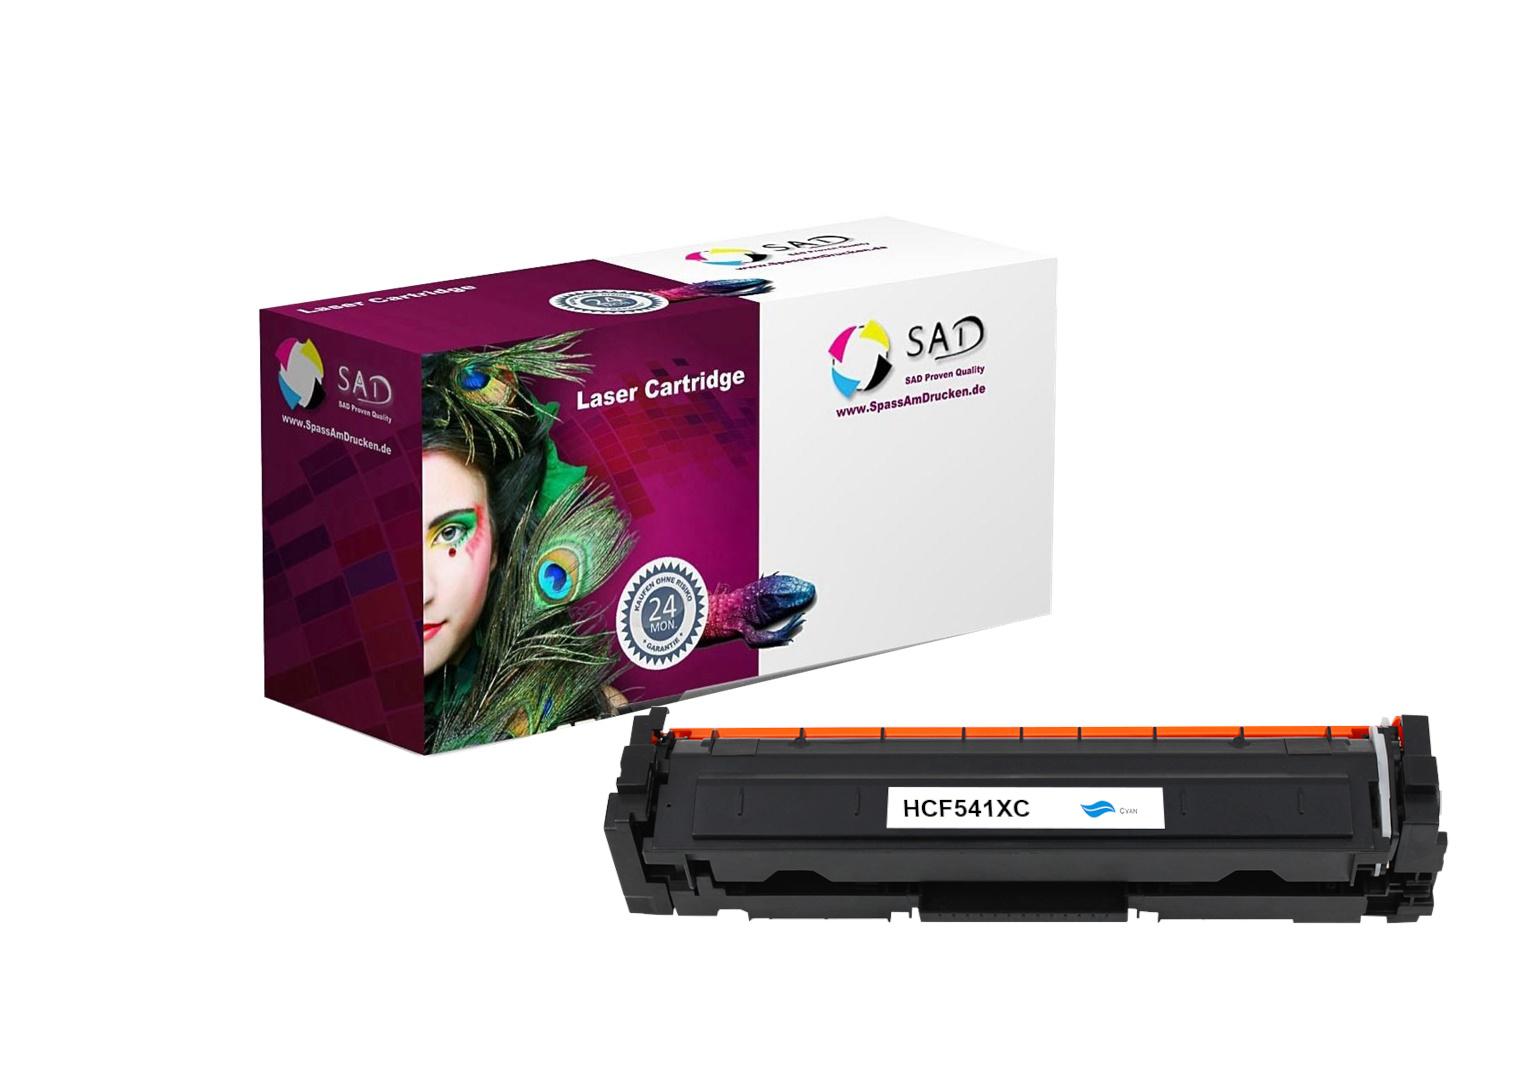 SAD Premium Toner komp. zu HP 203X - CF541X cyan für HP LaserJet Pro M254, HP LaserJet Pro M280, HP